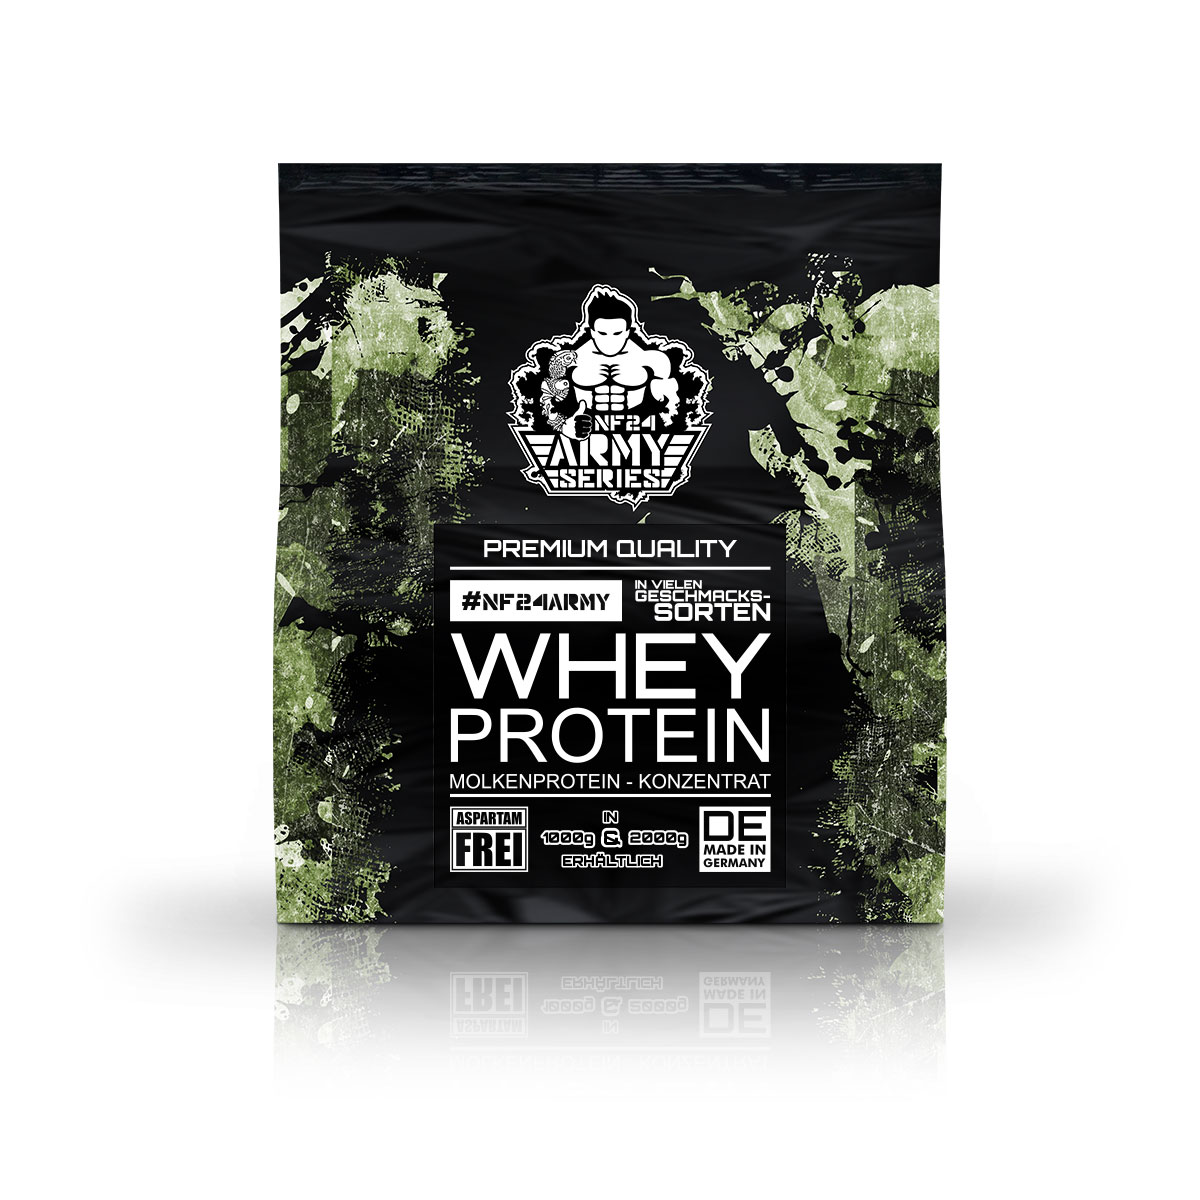 günstiges whey protein bestellen